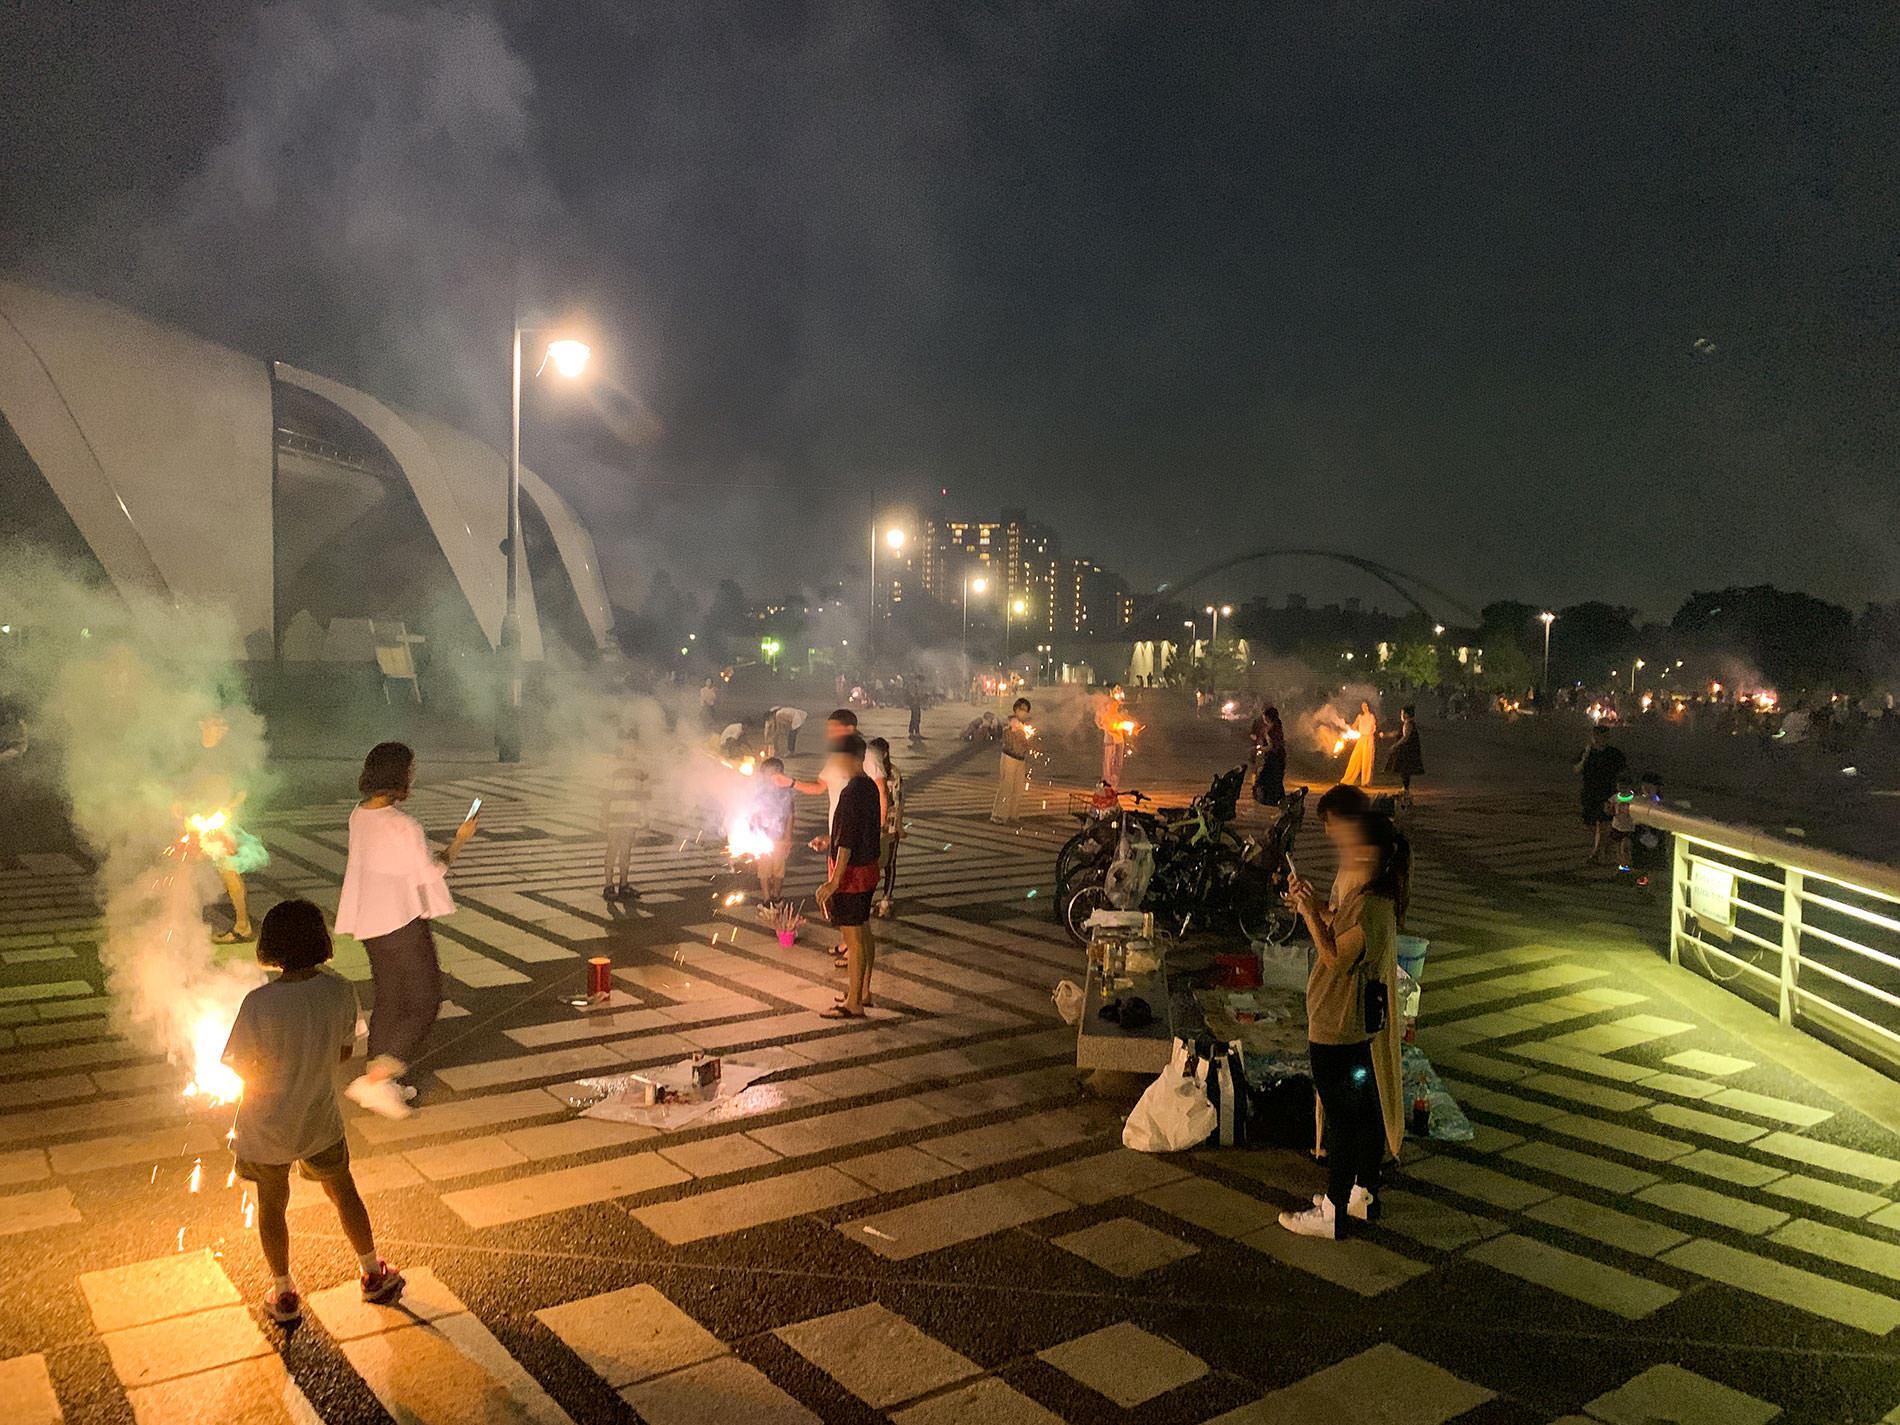 駒沢公園で花火 | Hand held fireworks at Komazawa park, Tokyo